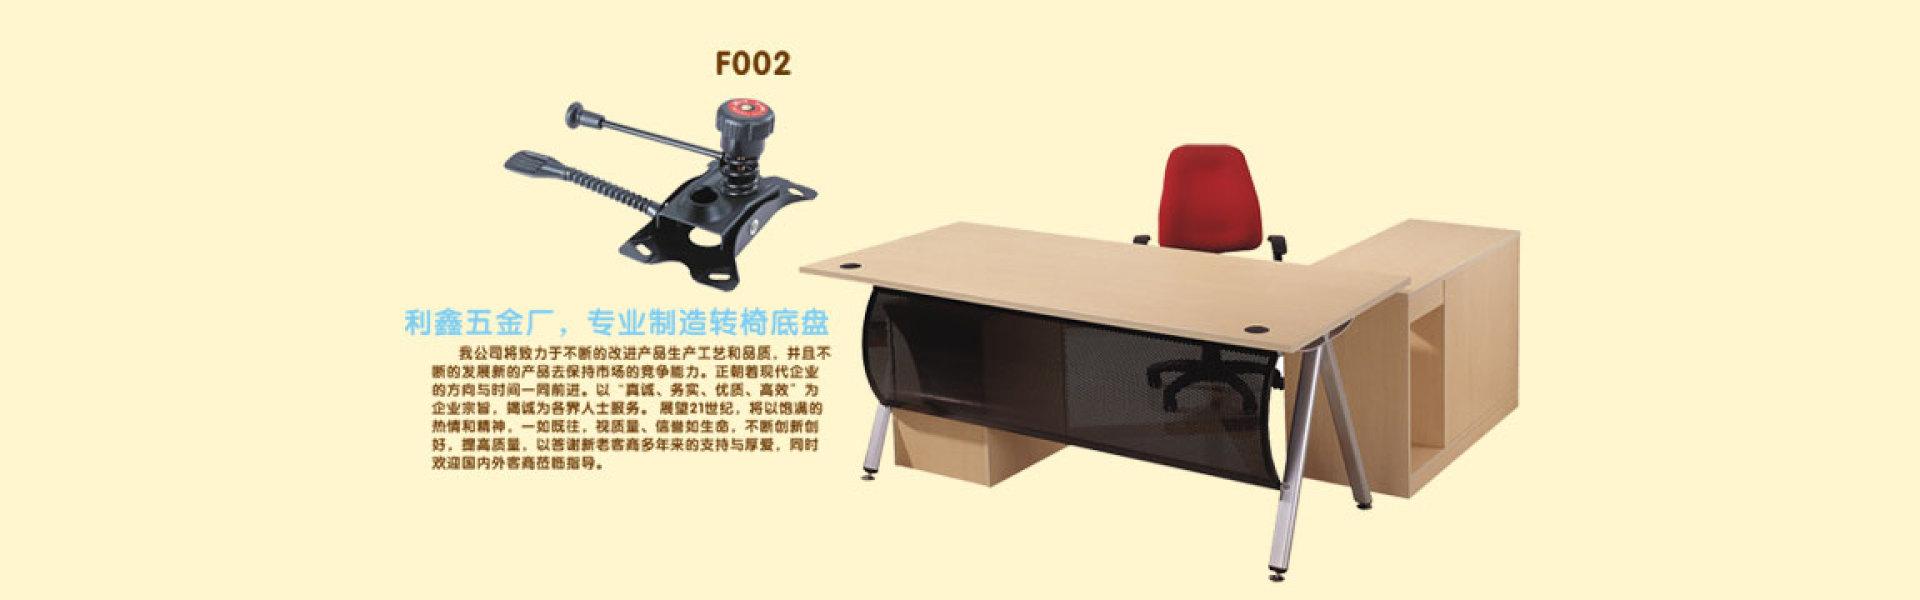 高要市金利镇利鑫金属制品厂是一家专业生产、销售转椅底盘,办公椅底盘,办公椅配件,转椅配件,转椅托盘的企业。